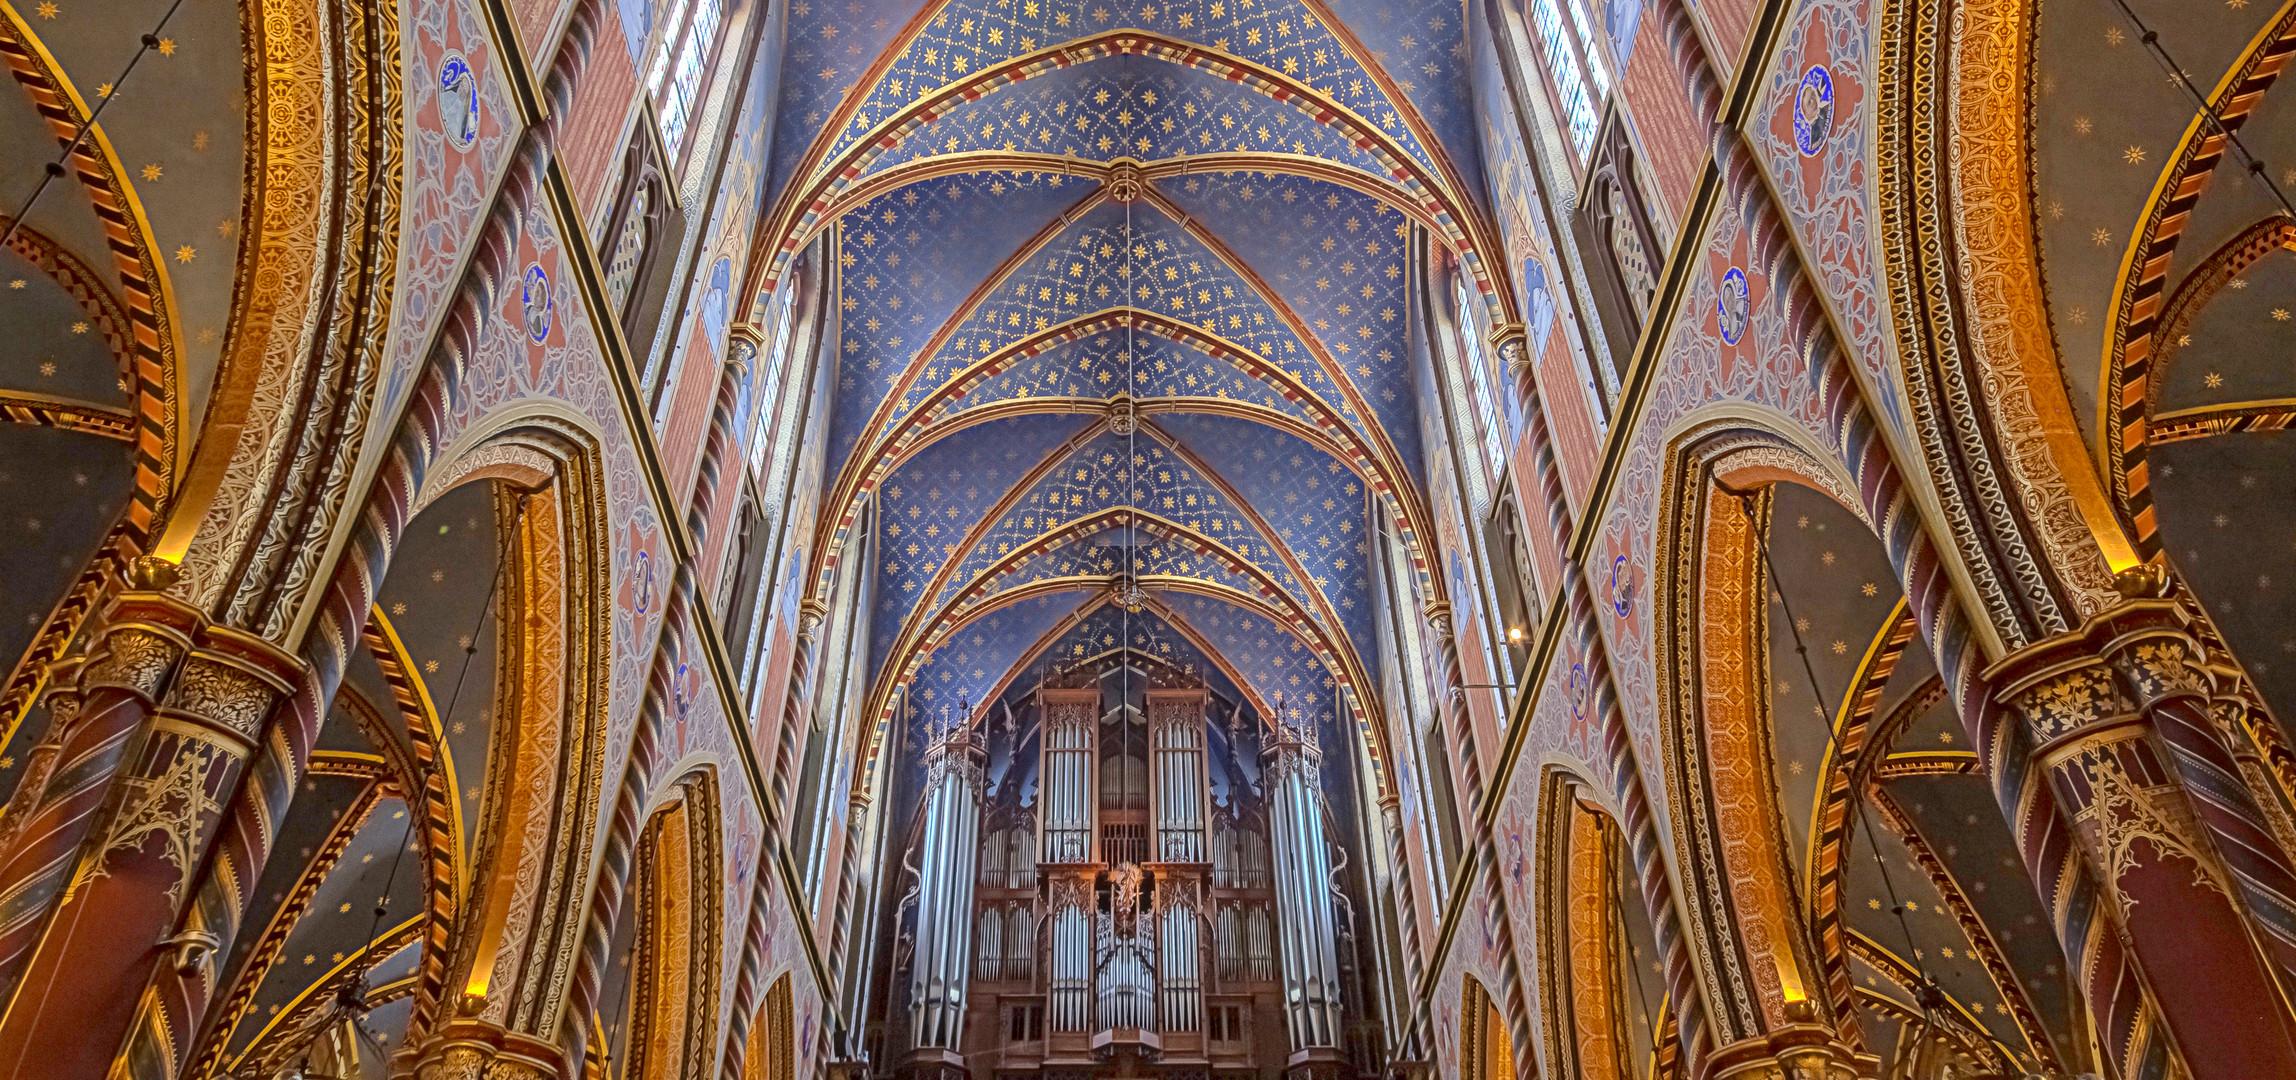 Der Orgelblick